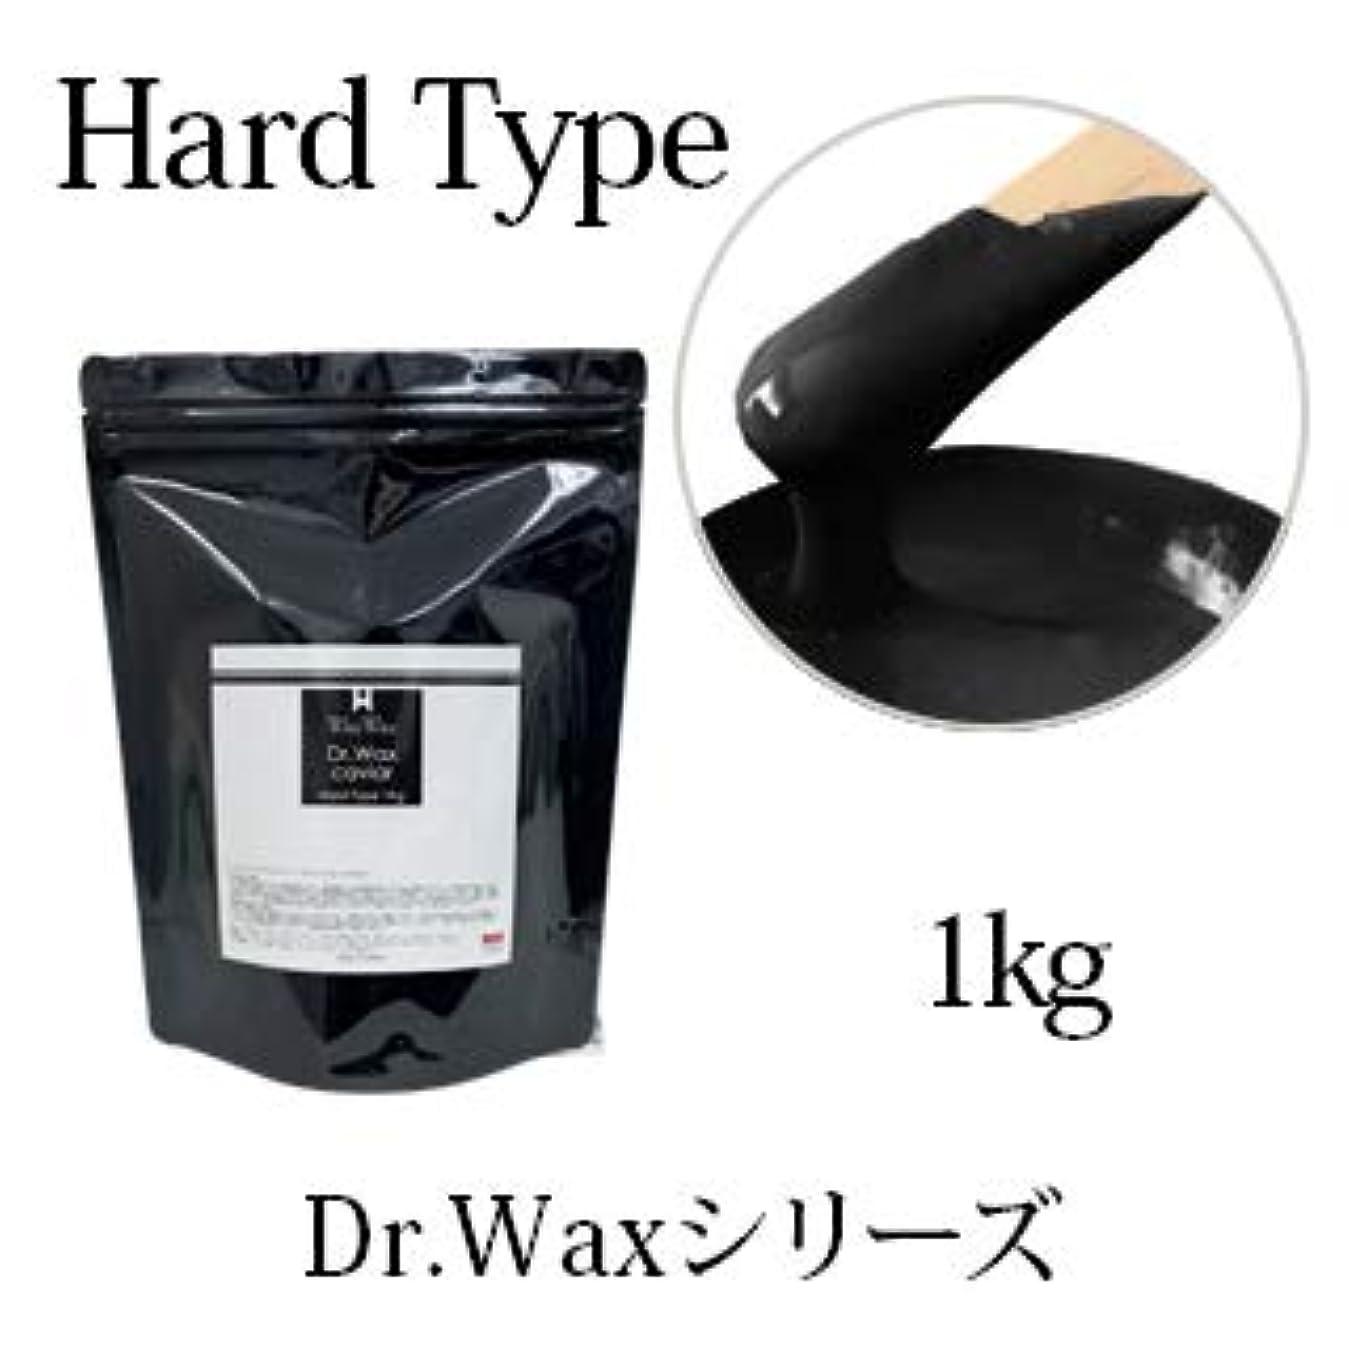 足音成功はっきりしない【Dr.waxシリーズ】ワックス脱毛 粒タイプ 紙を使用しない ハードワックス (キャビア 1kg)